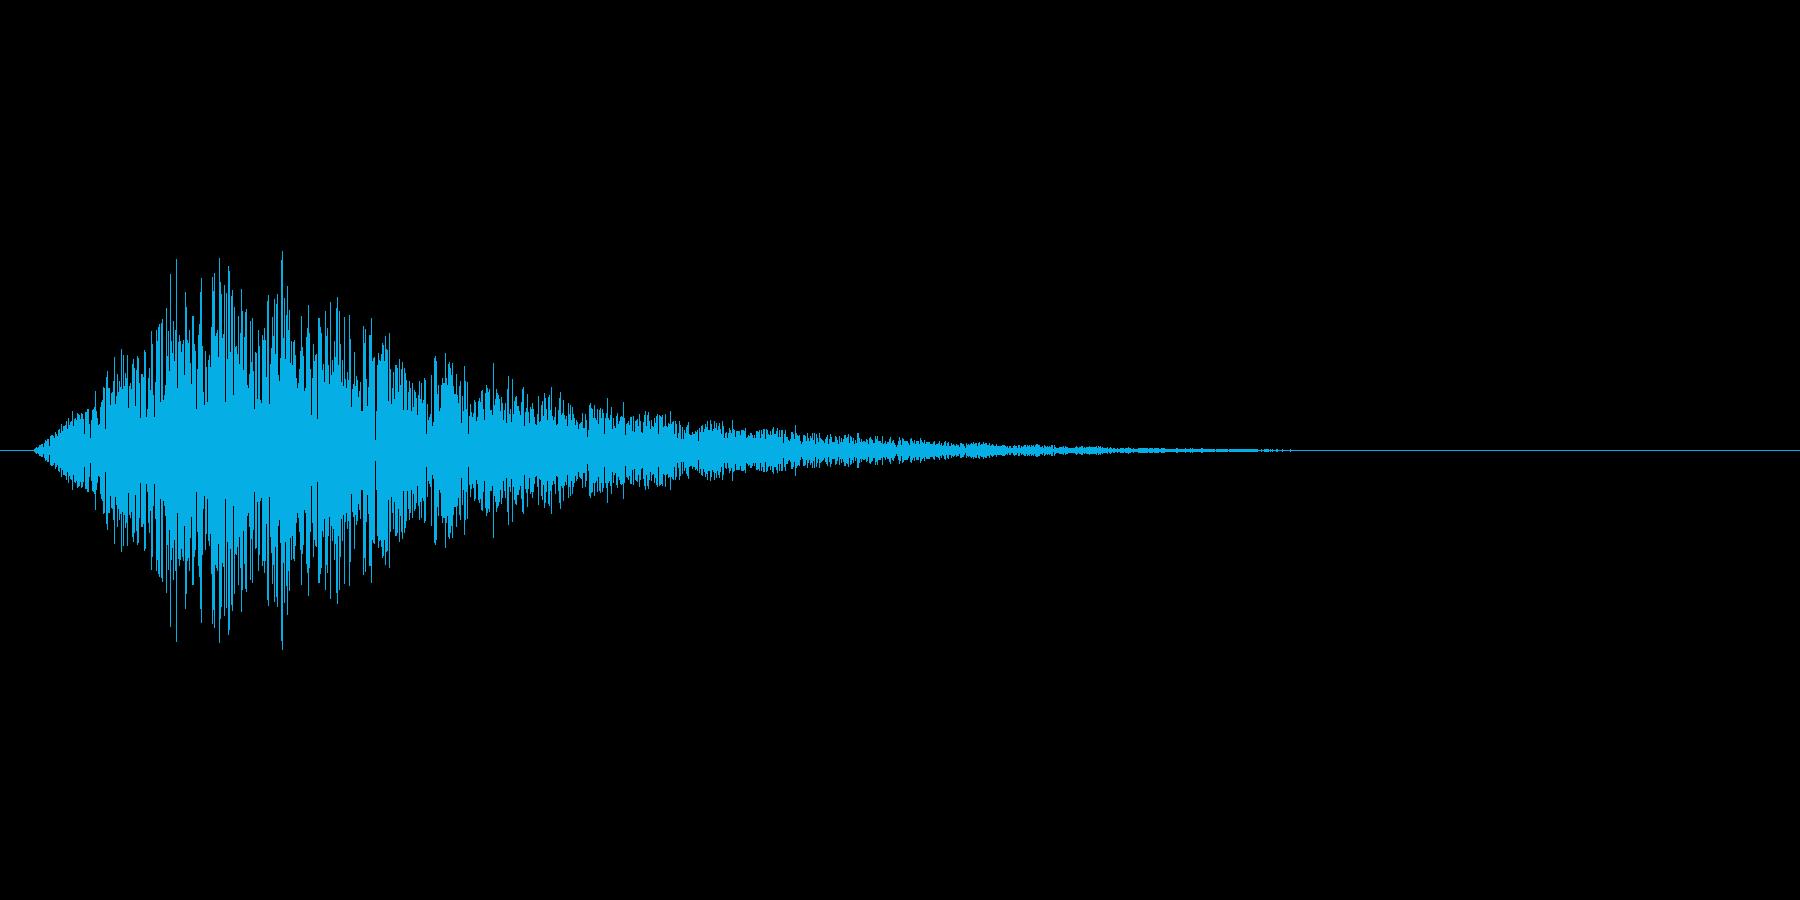 チャージや回復、ゲージ上昇のような効果音の再生済みの波形